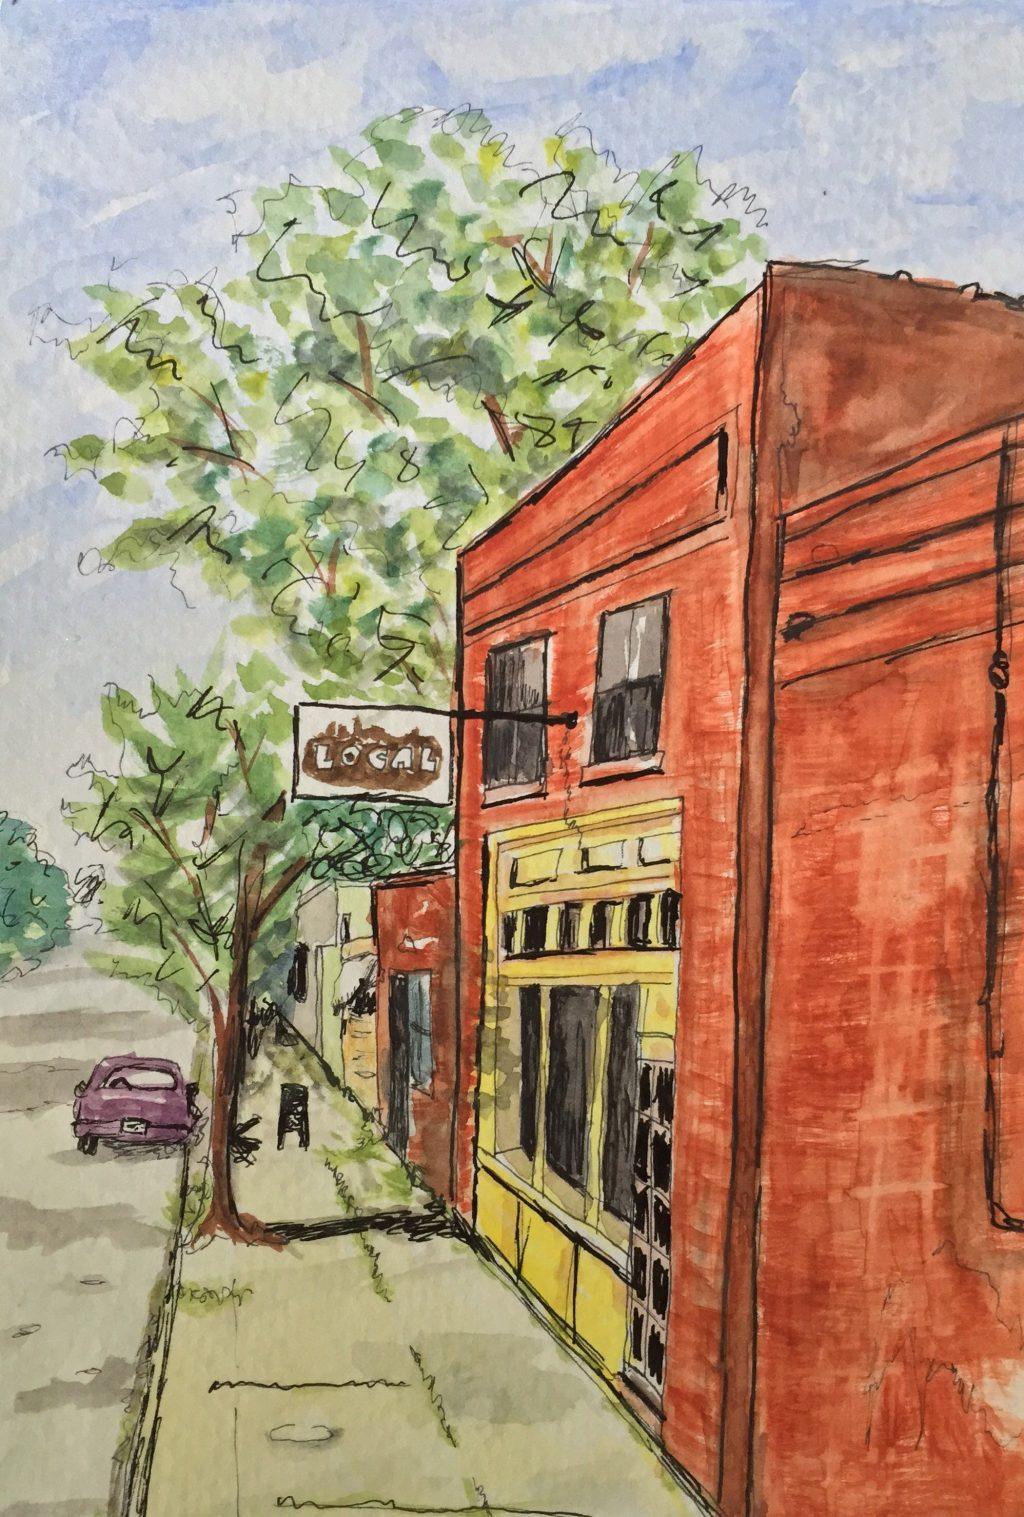 Adding Color to Urban Sketches Doodlewash